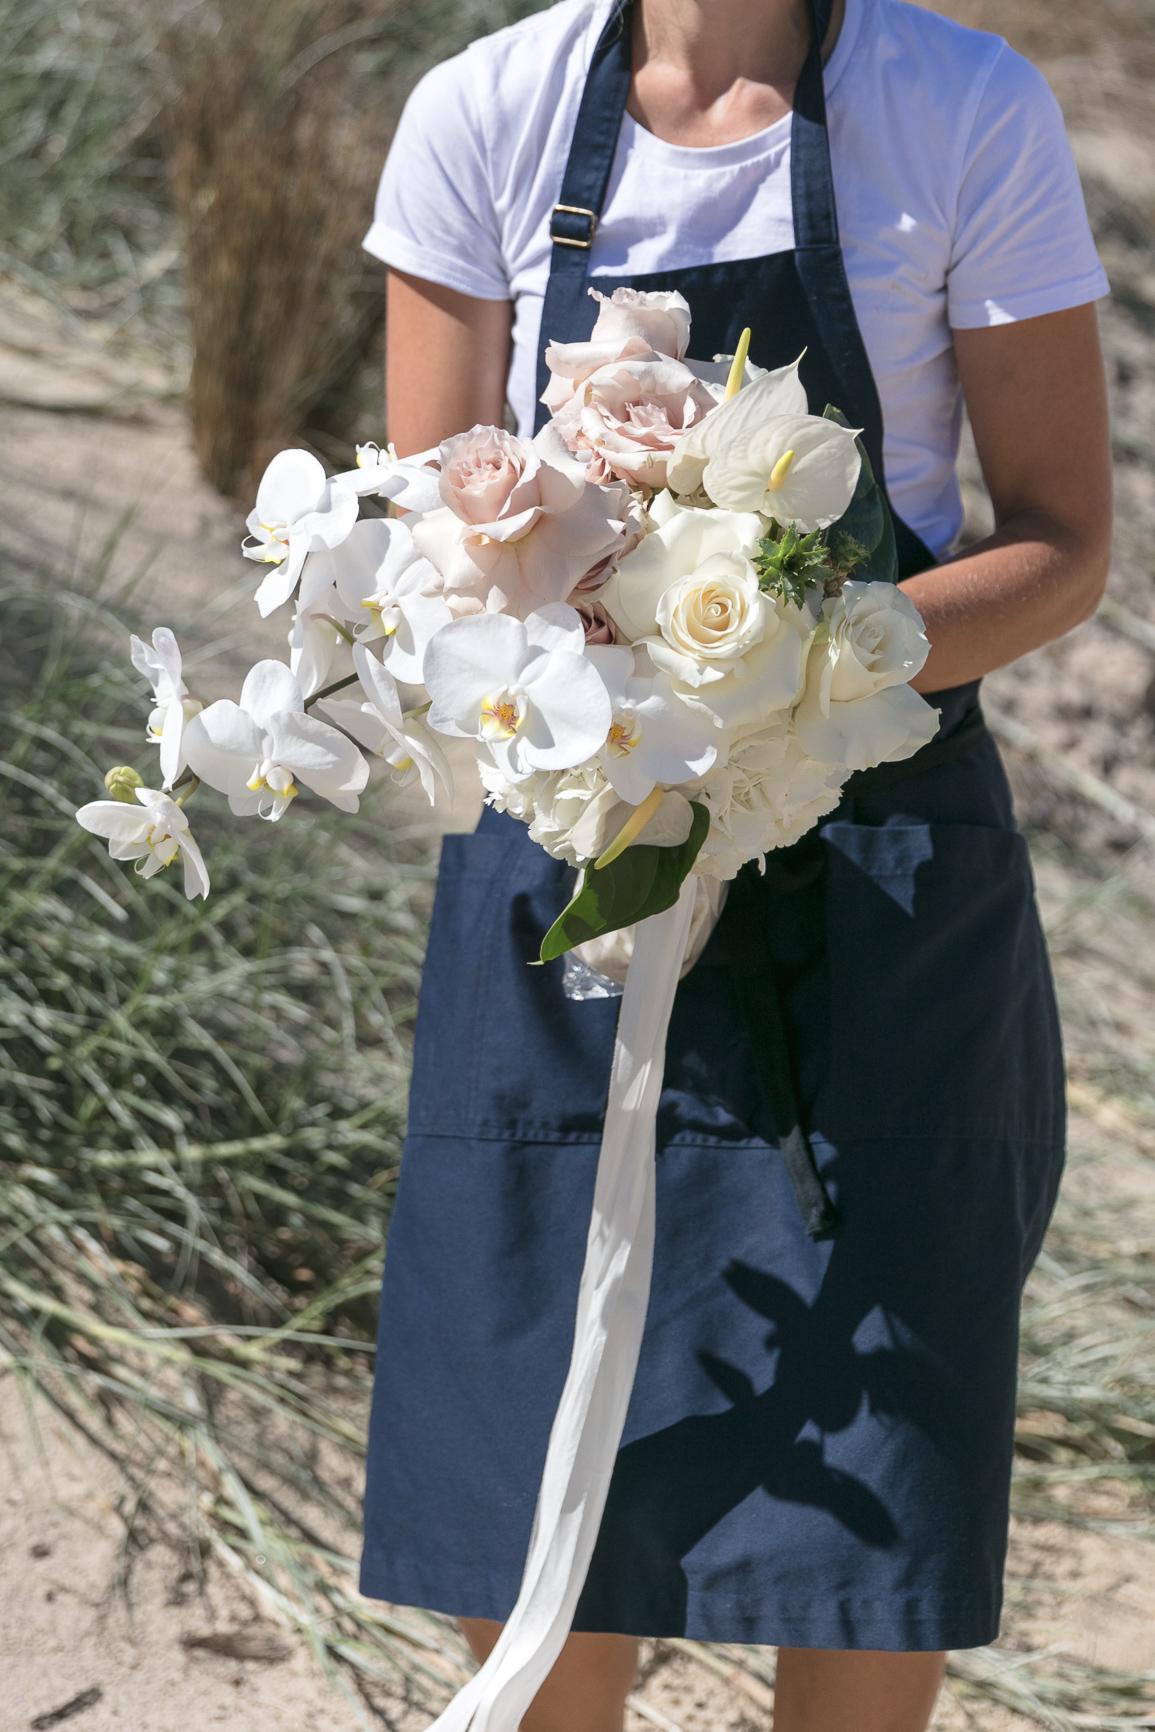 ©MichelleWeir-Blush-TaraIti-Wedding-72dpi-014.jpg